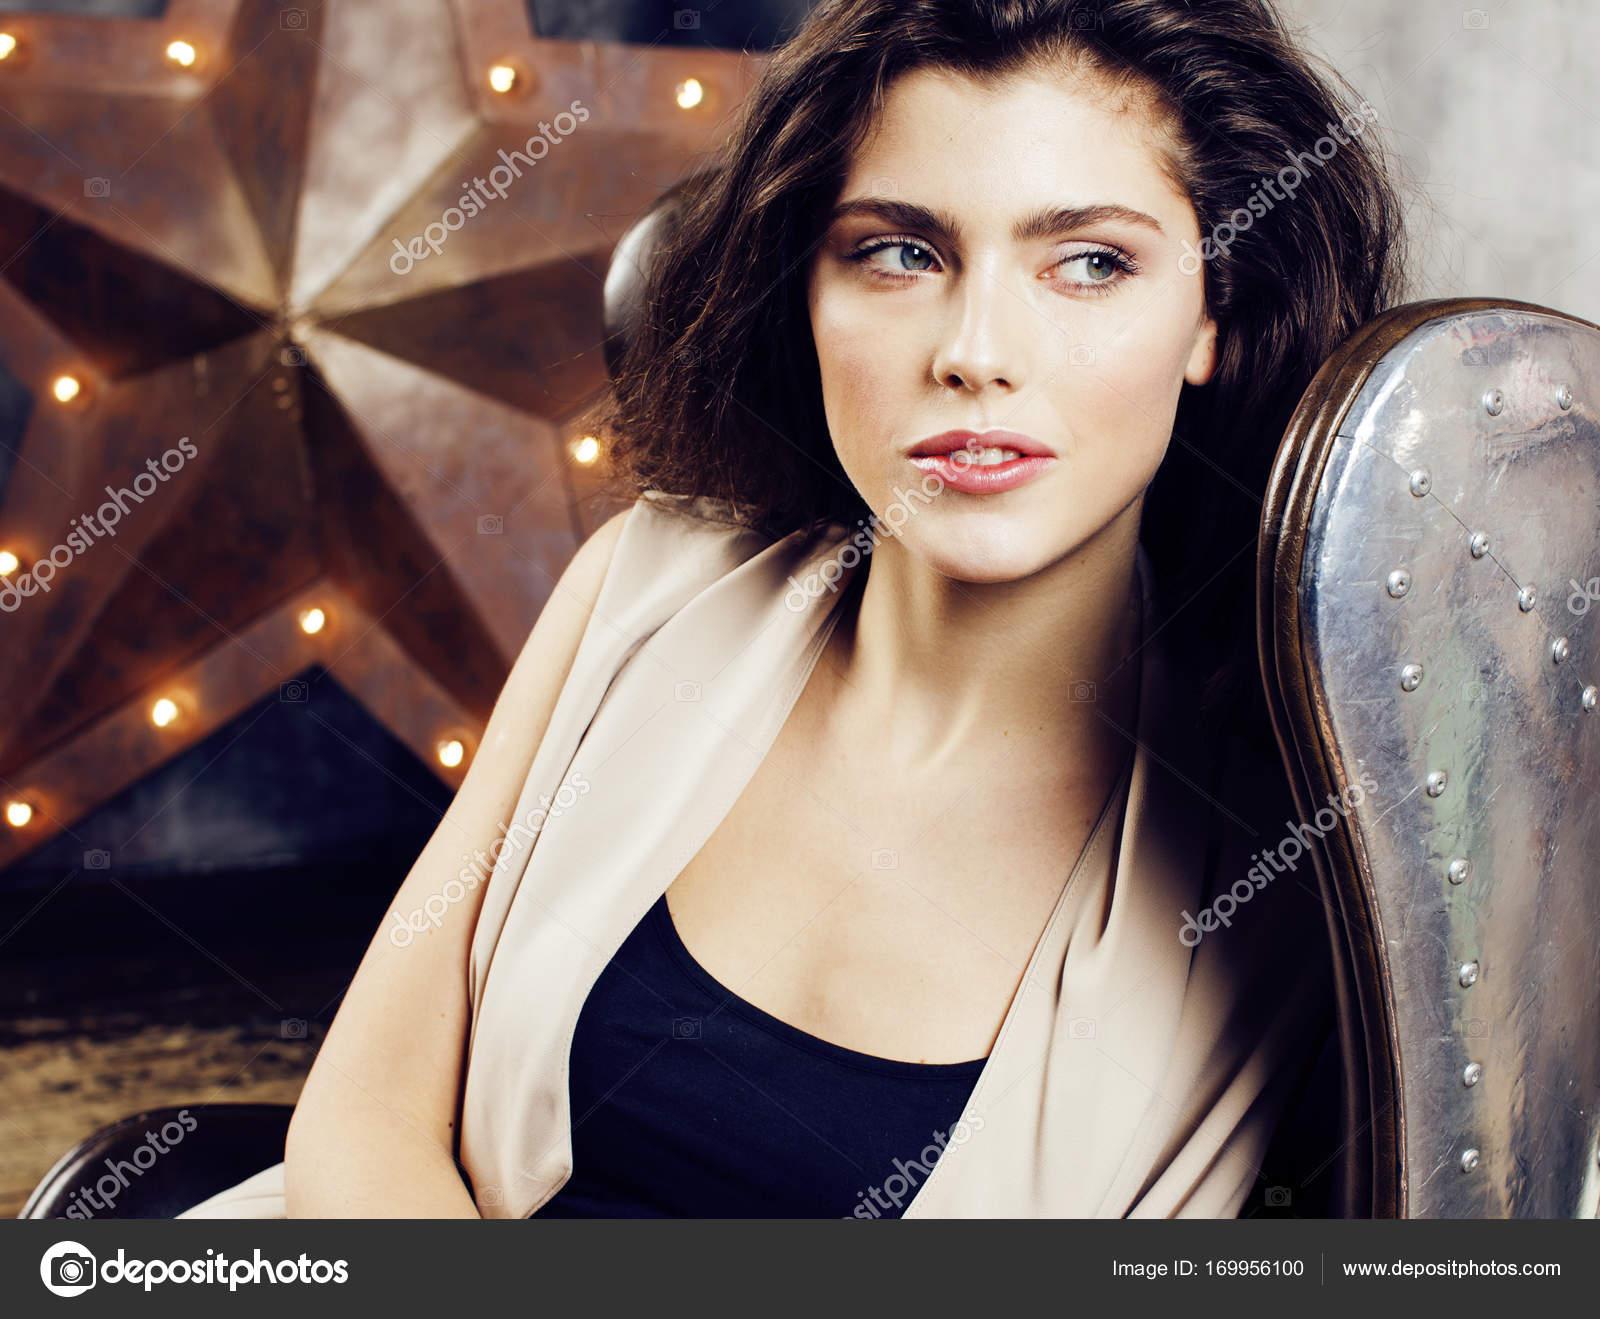 Junge Hübsche Frau Allein Im Modernen Loft Studio, Moderne Mädchen Hipster,  Musiker Modekonzept